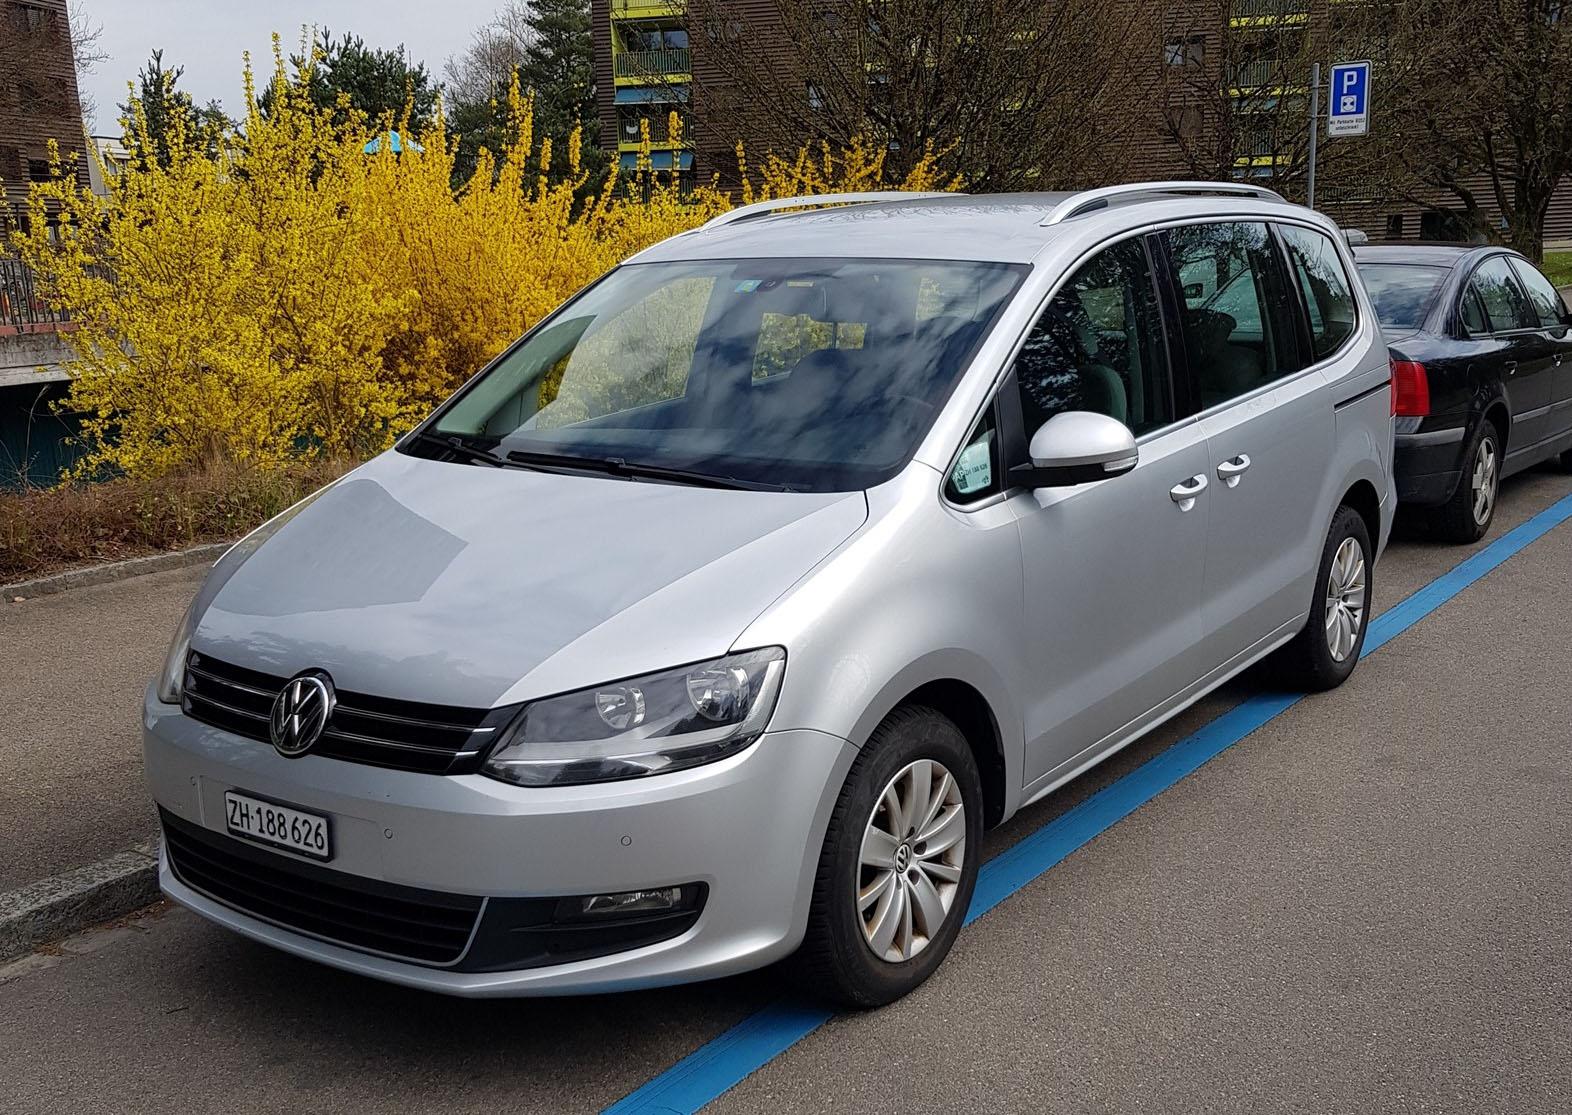 VW Sharan 2.0 TDI BlueMT Comfl. DSG